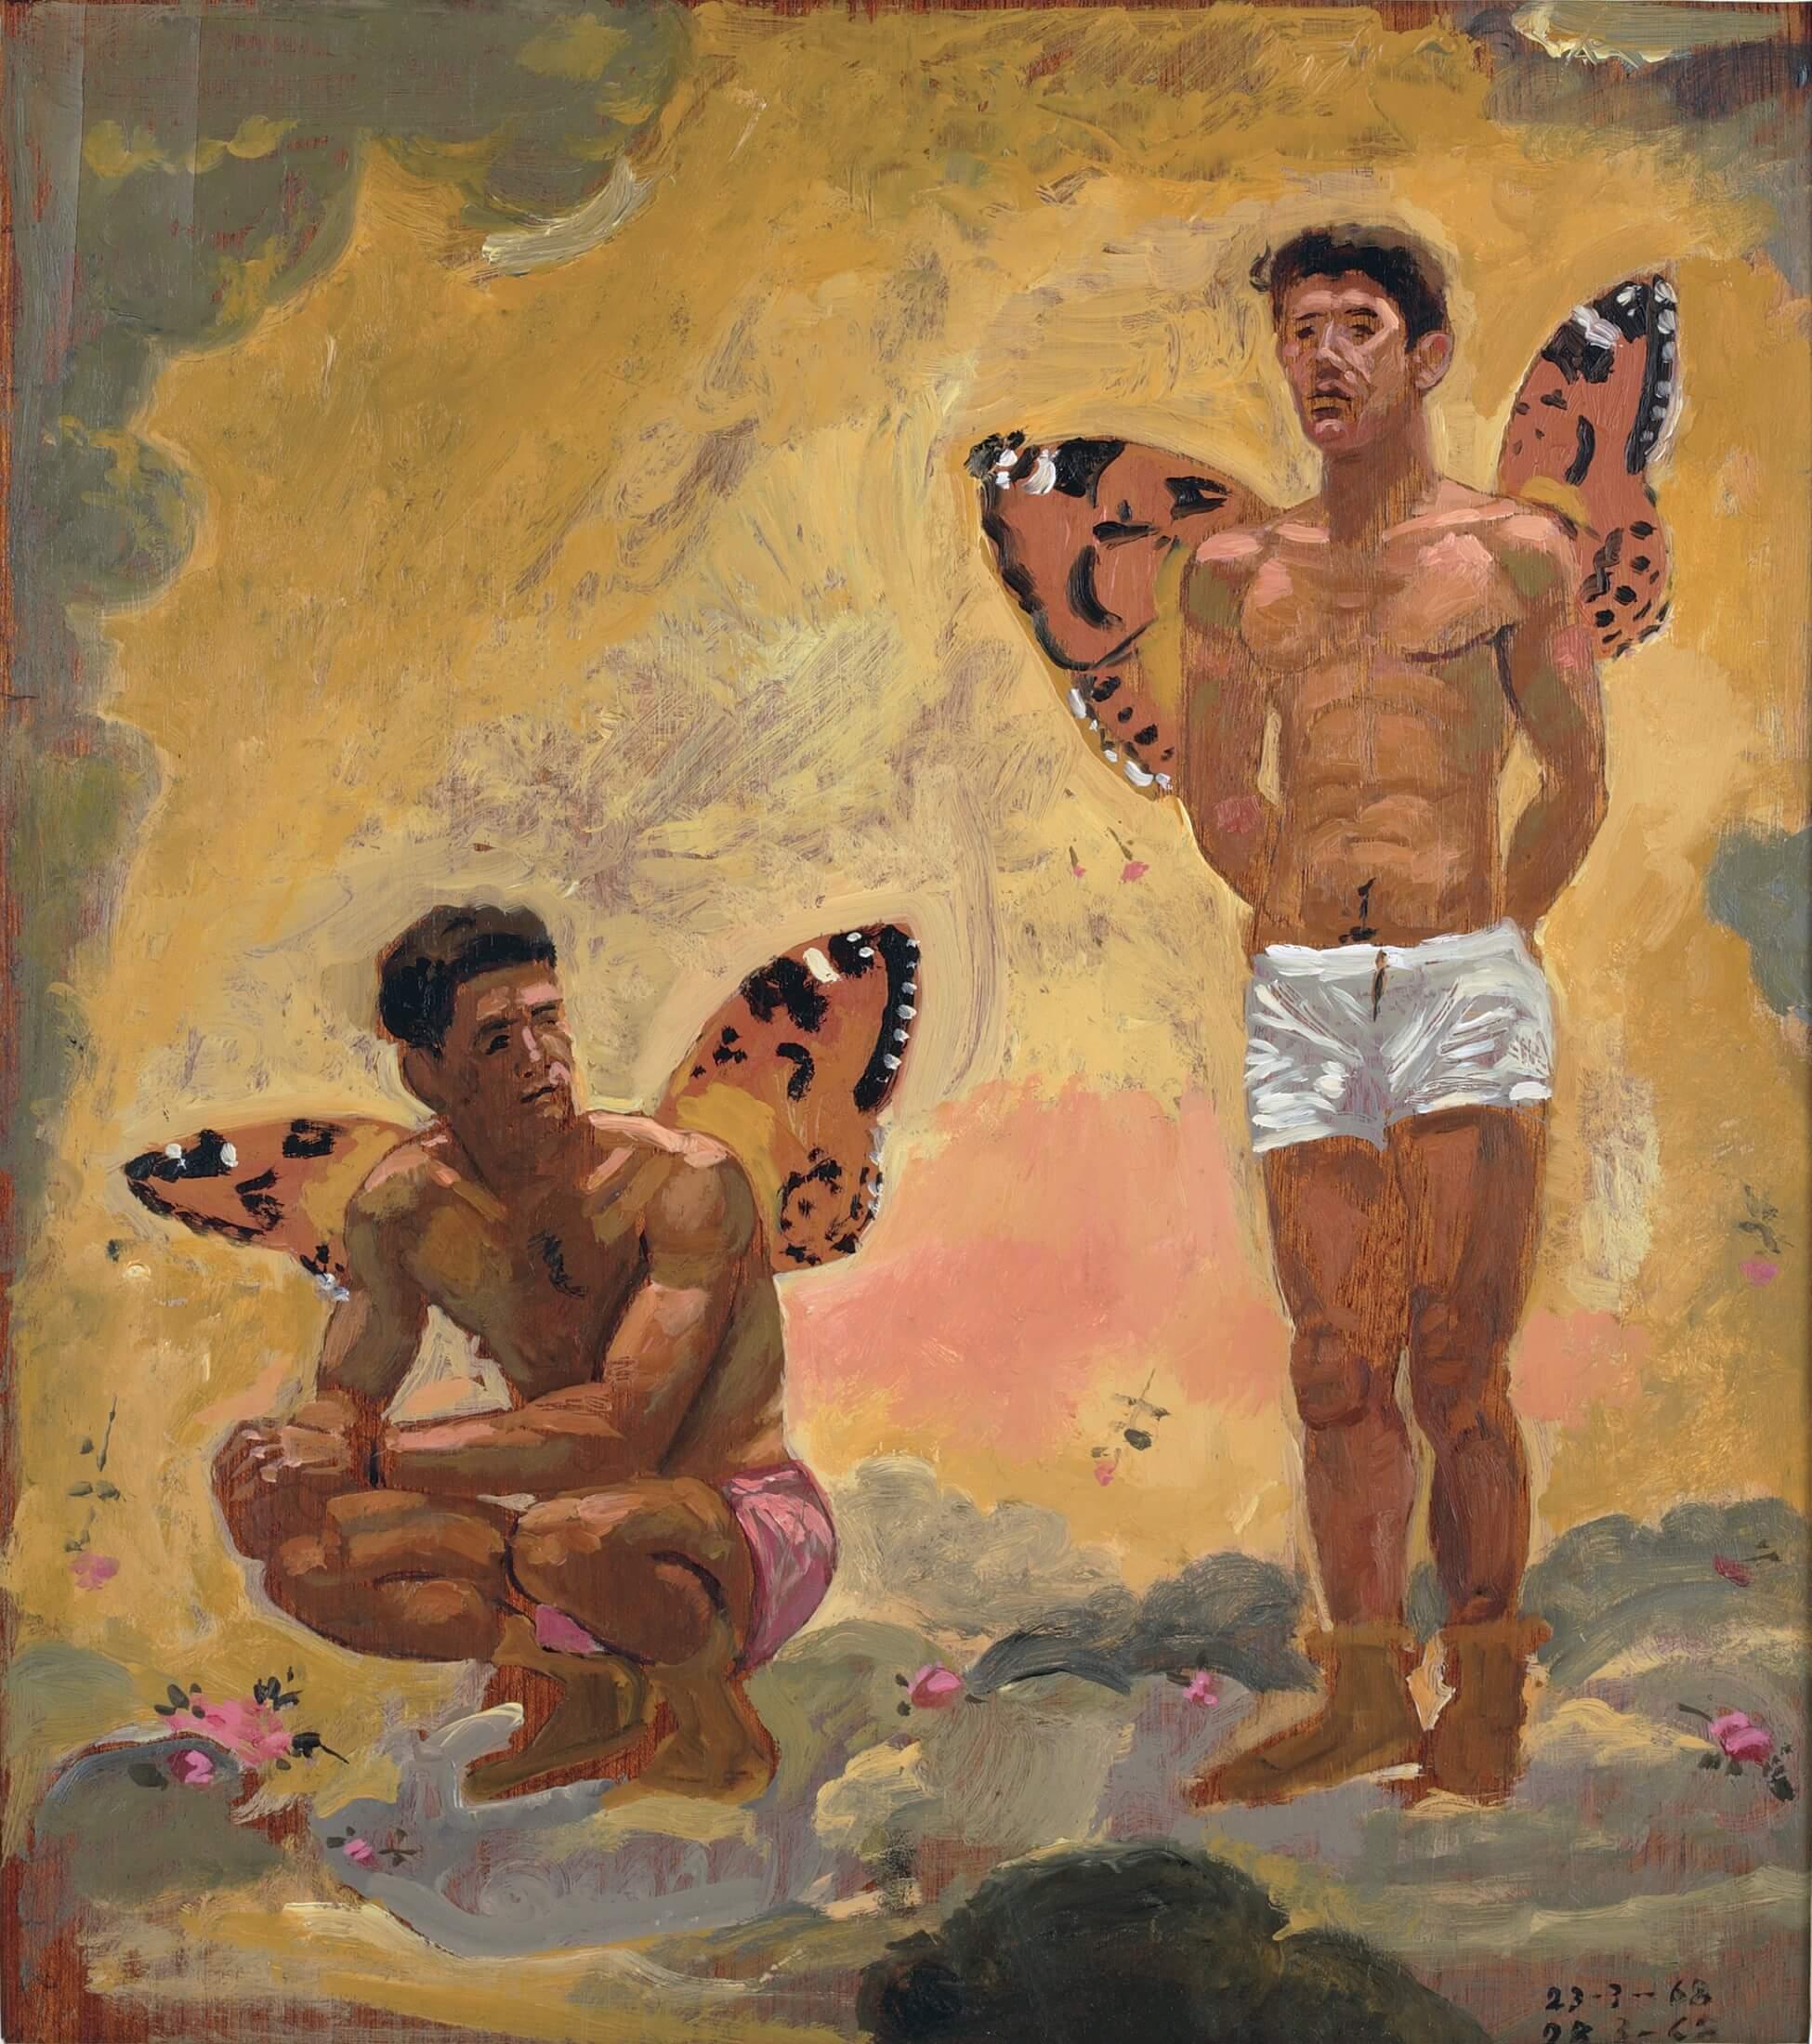 Δύο άνδρες με φτερά πεταλούδας, 1968 Λάδι σε καπλαμά, 44,5 Χ 39,4 Ίδρυμα Γιάννη Τσαρούχη, αρ. ευρ. 631